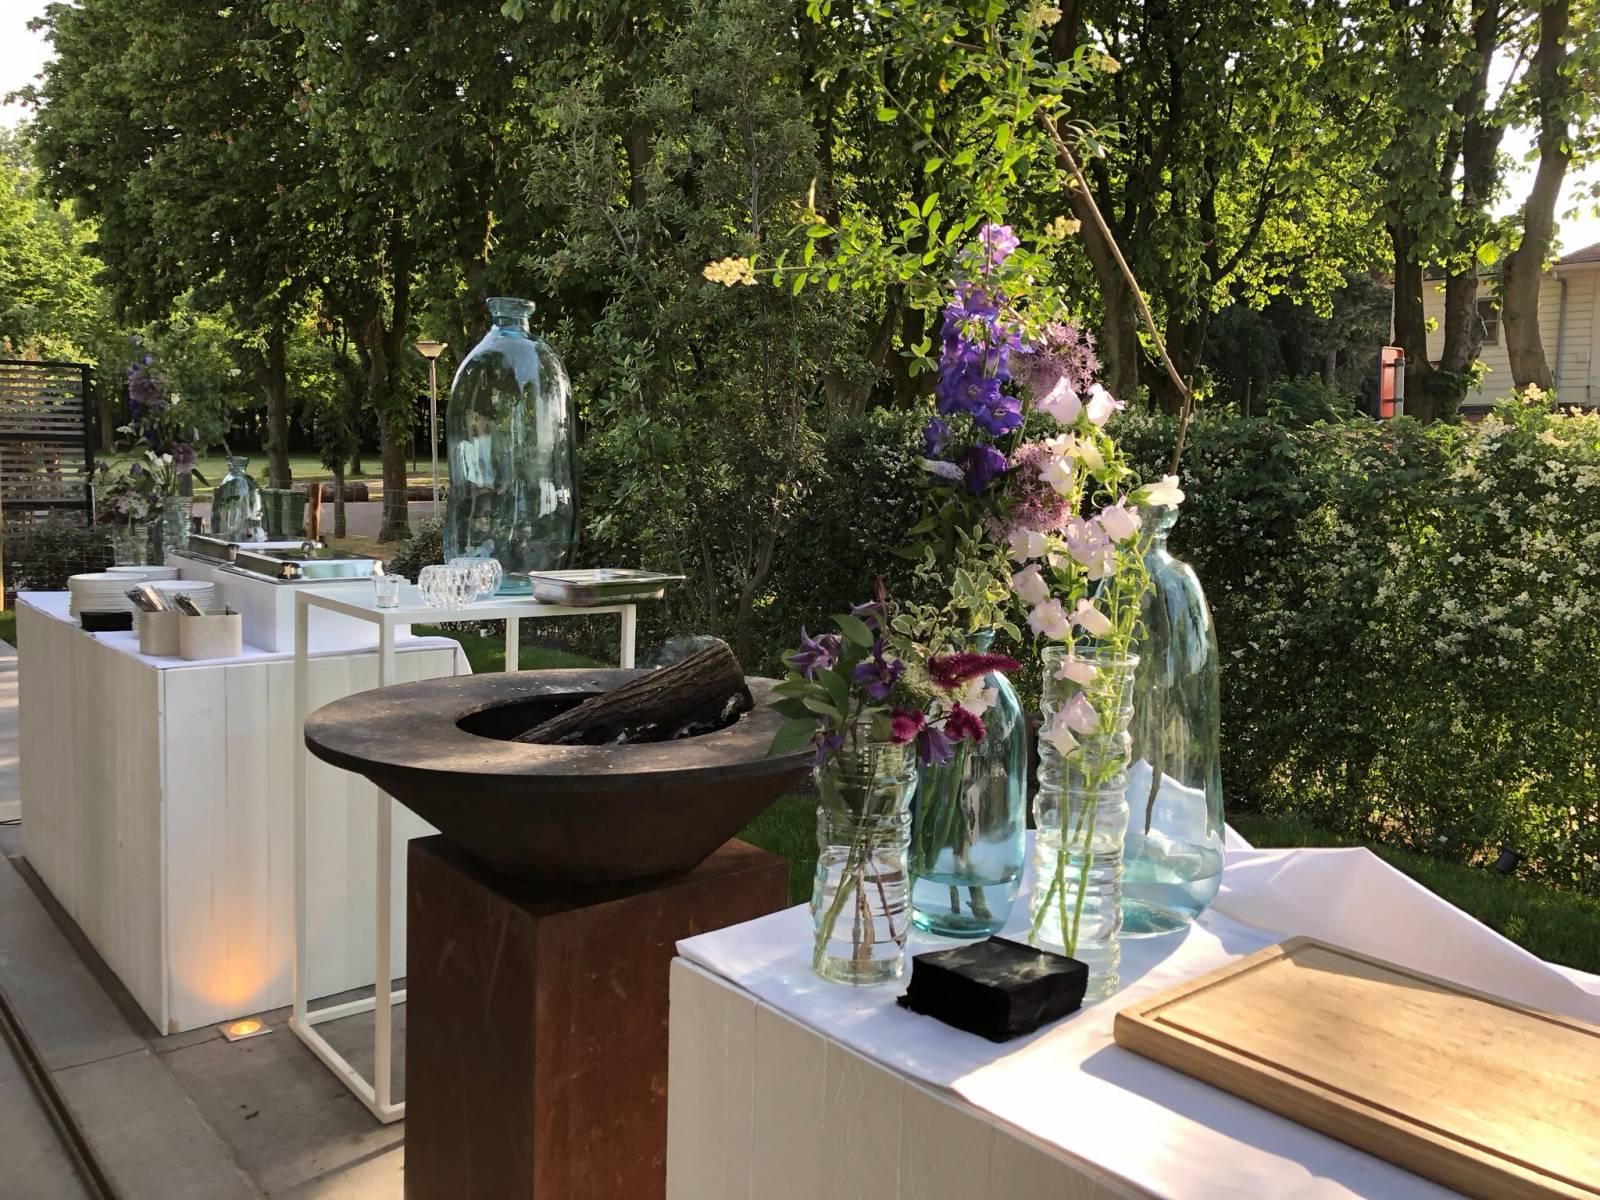 KAS Kunst aan de Stroom - Feestlocatie - Eventlocatie - Feestzaal - House of Events & House of Weddings - 9